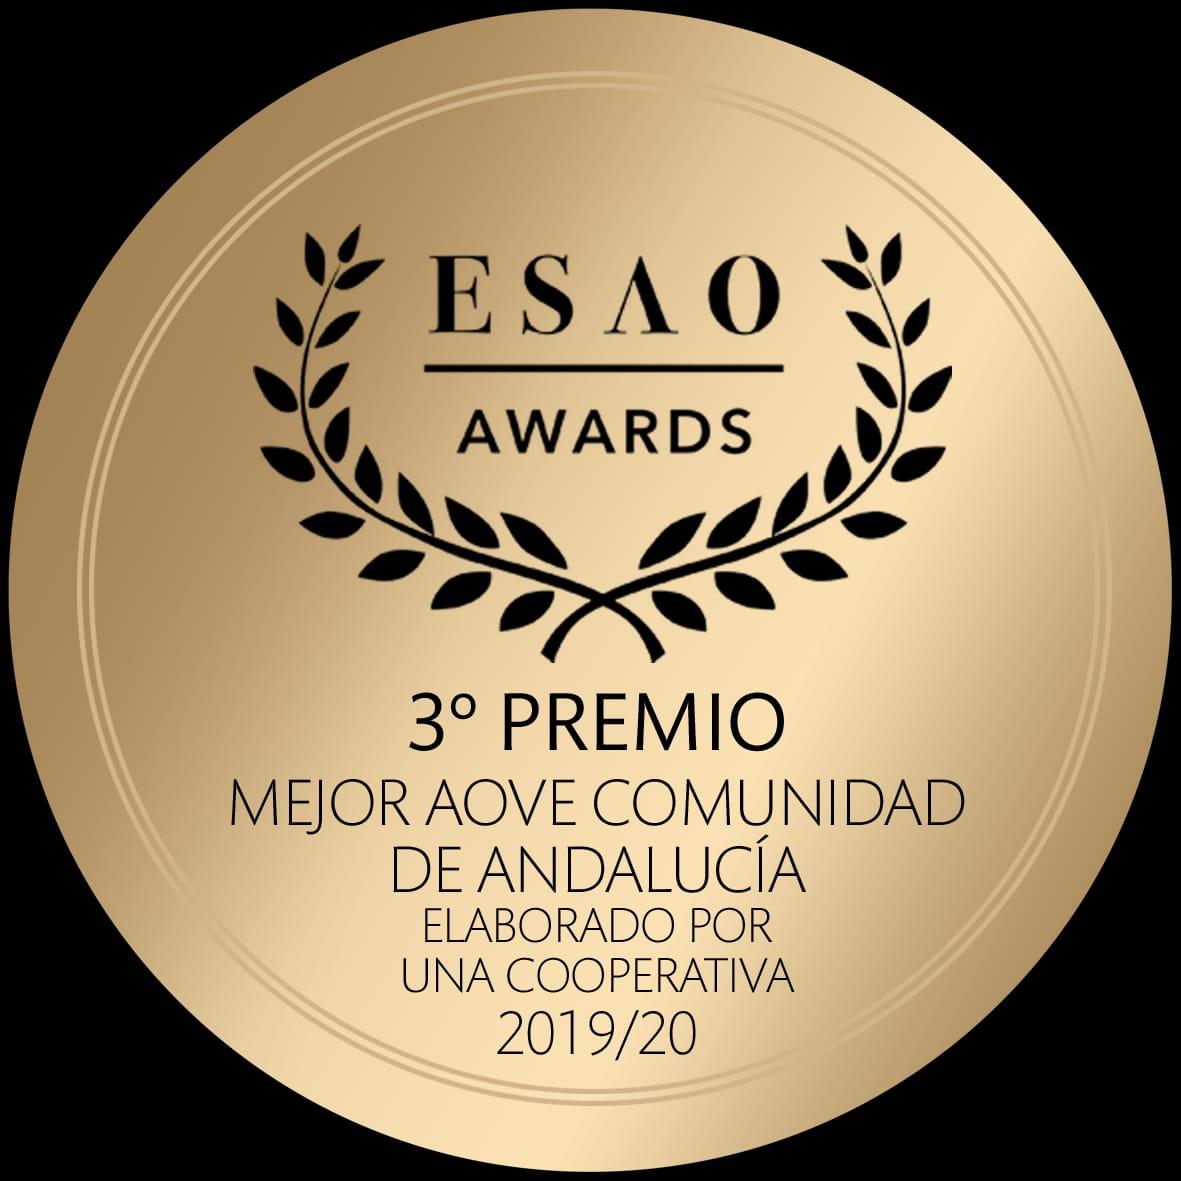 premios-esao-2020-